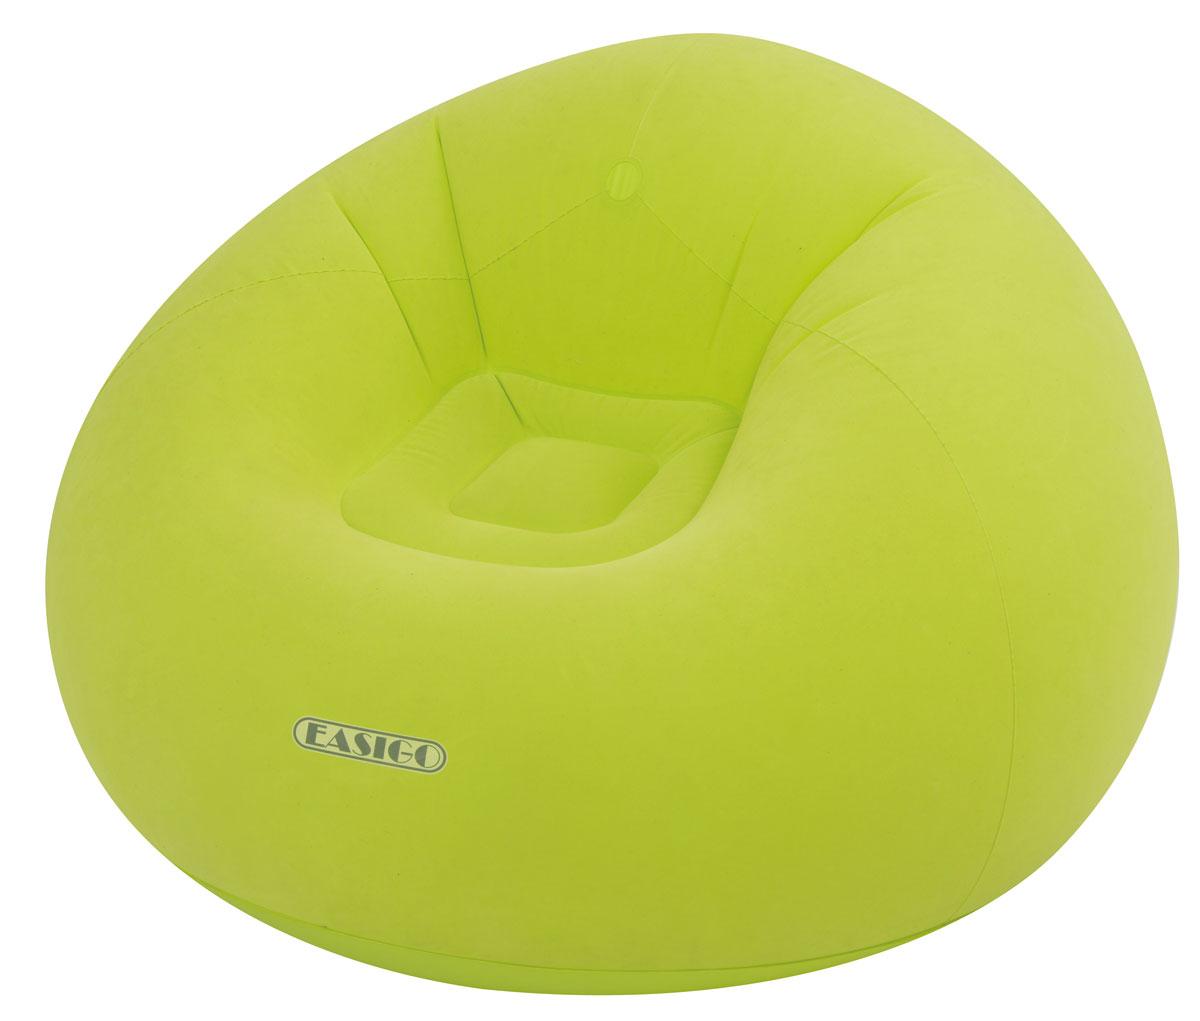 Кресло надувное Relax Easigo, цвет: салатовый, 105 х 105 х 65 смJL037222NКресло надувное Relax Easigo выполнено из высококачественного винила с велюровым покрытием. Отлично подойдет для использования дома или в офисе. Особенности кресла: - Водоотталкивающее флоковое покрытие. - Надежный клапан для быстрого сдувания и надувания. - Самоклеящаяся заплатка прилагается. Сдержанный дизайн, нейтральные цвета подходят к любому интерьеру и делают надувное кресло RELAX отличным выбором.